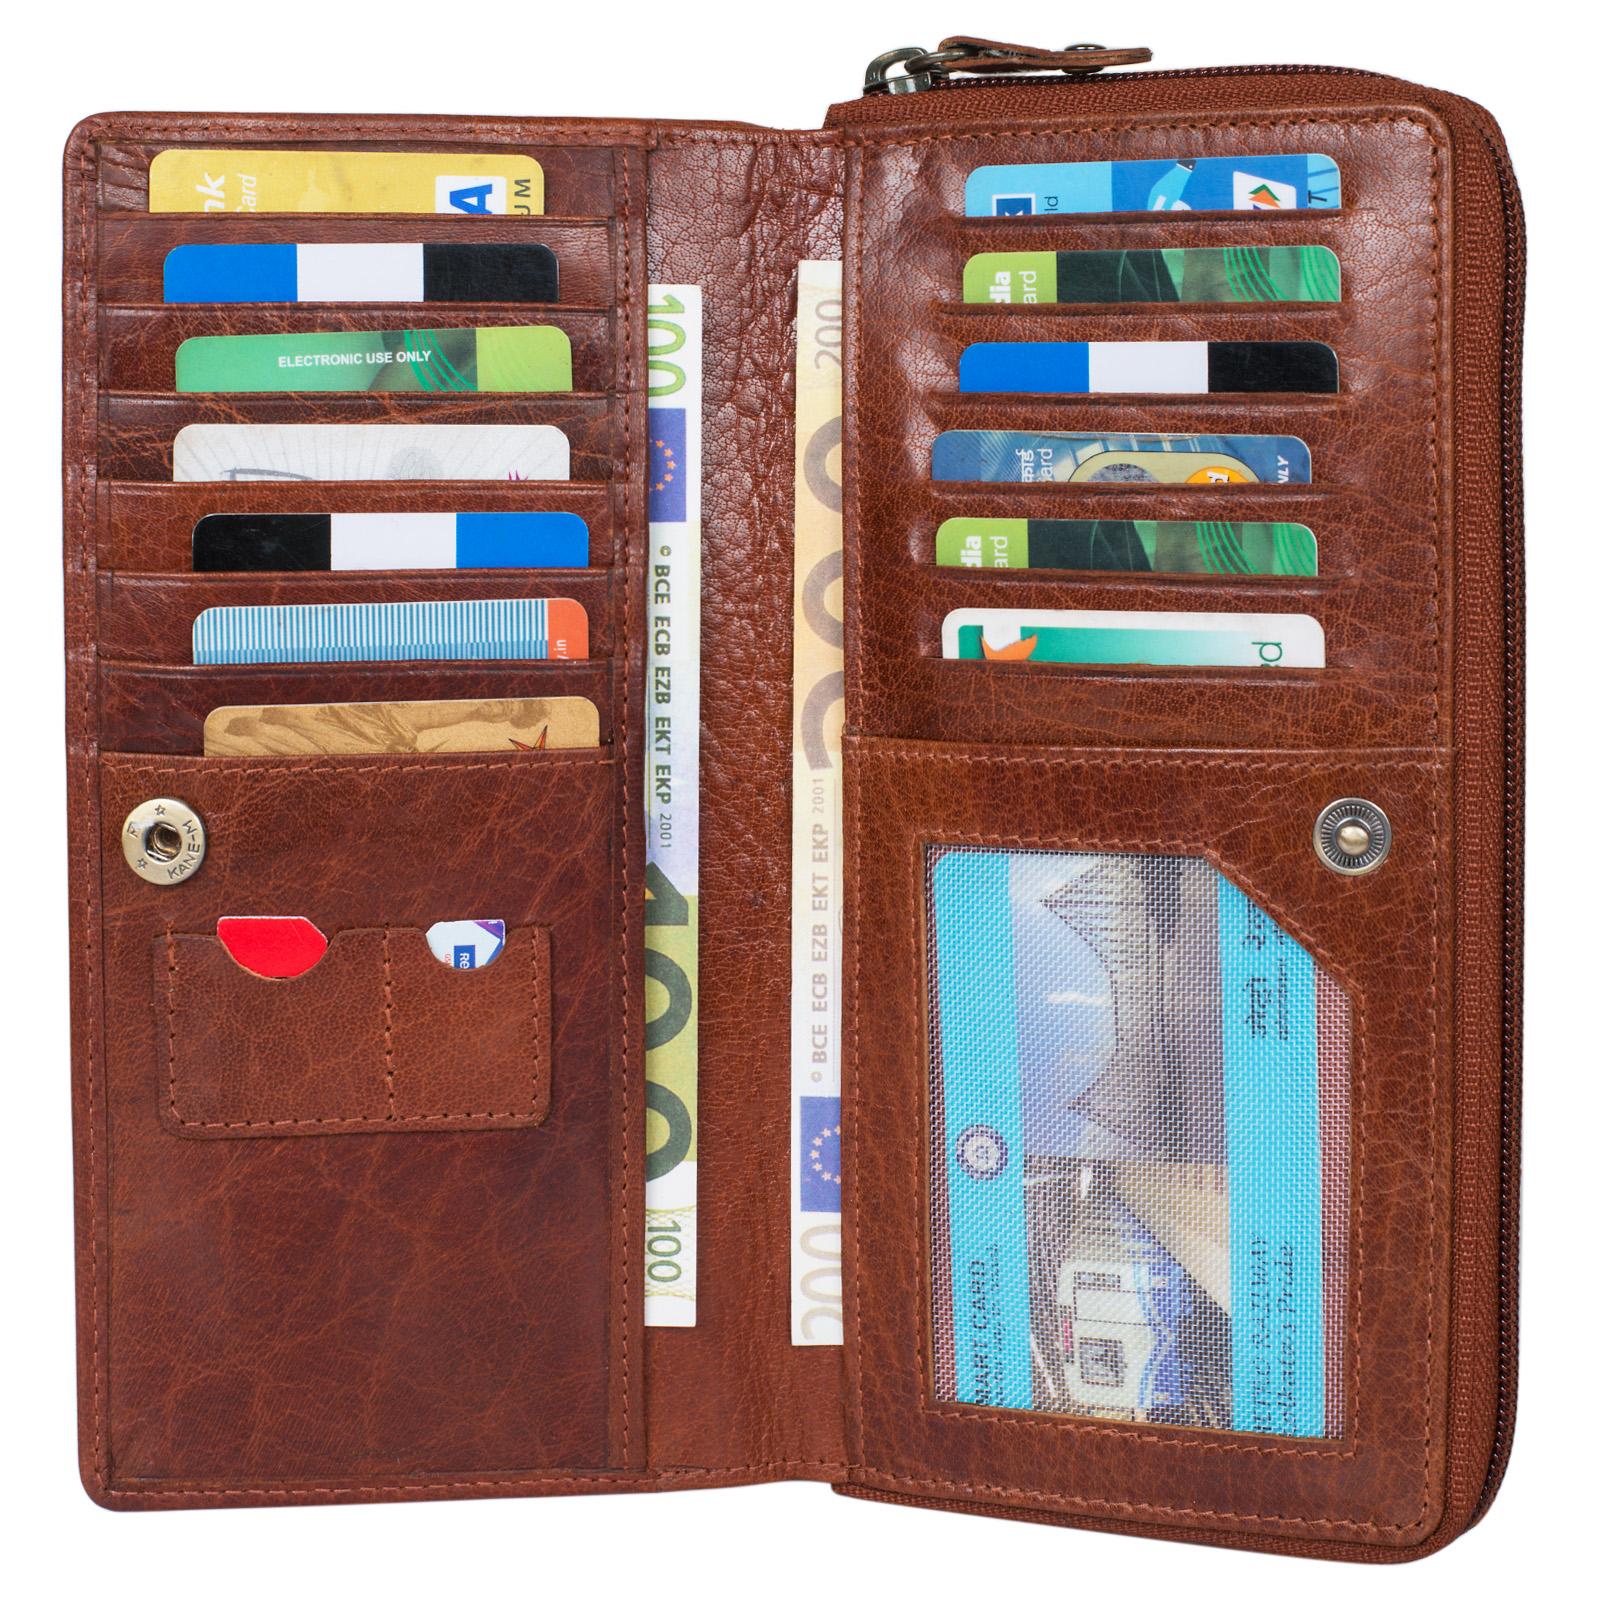 """STILORD """"Dana"""" Damen Geldbörse lang Leder Vintage Portemonnaie im Querformat große Brieftasche mit Reißverschluss für Kleingeld EC-Karten echtes Rindsleder - Bild 5"""